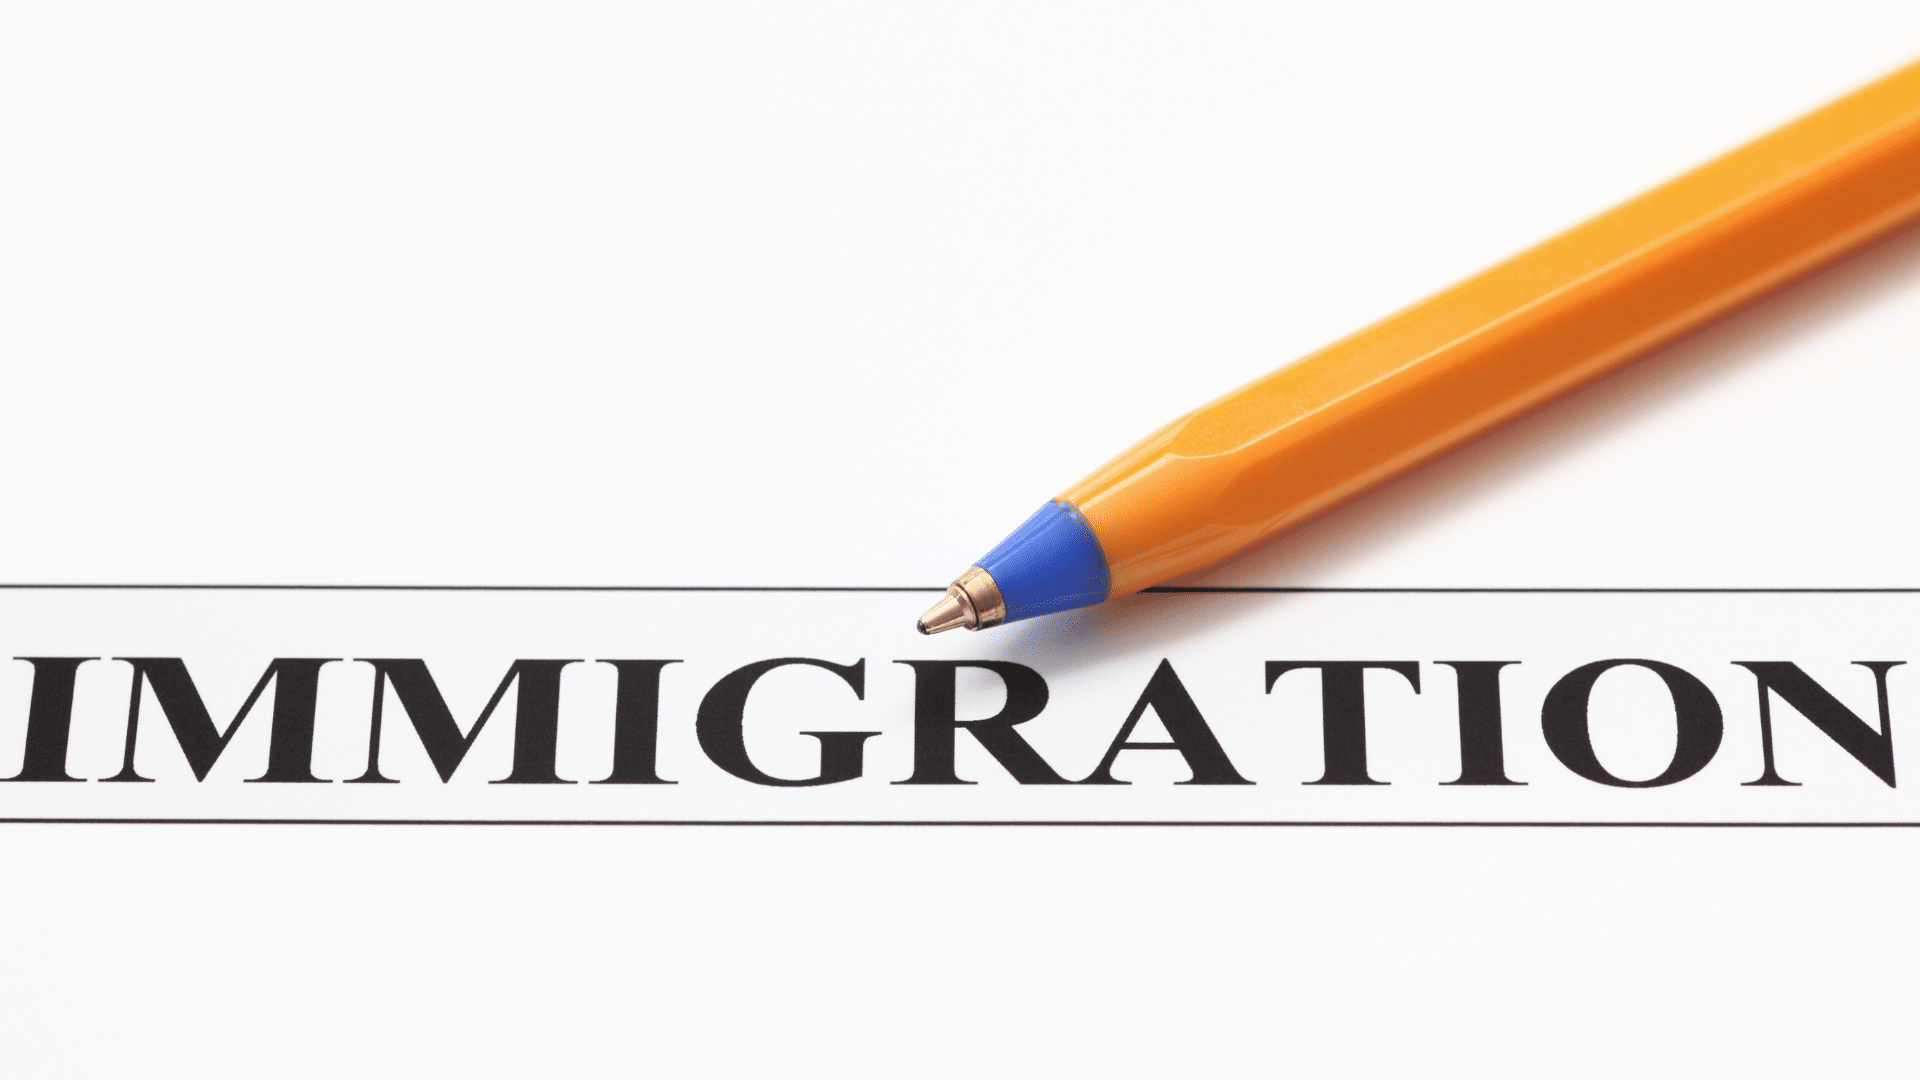 Иммиграционная служба Migri принимает без записи5 (1)